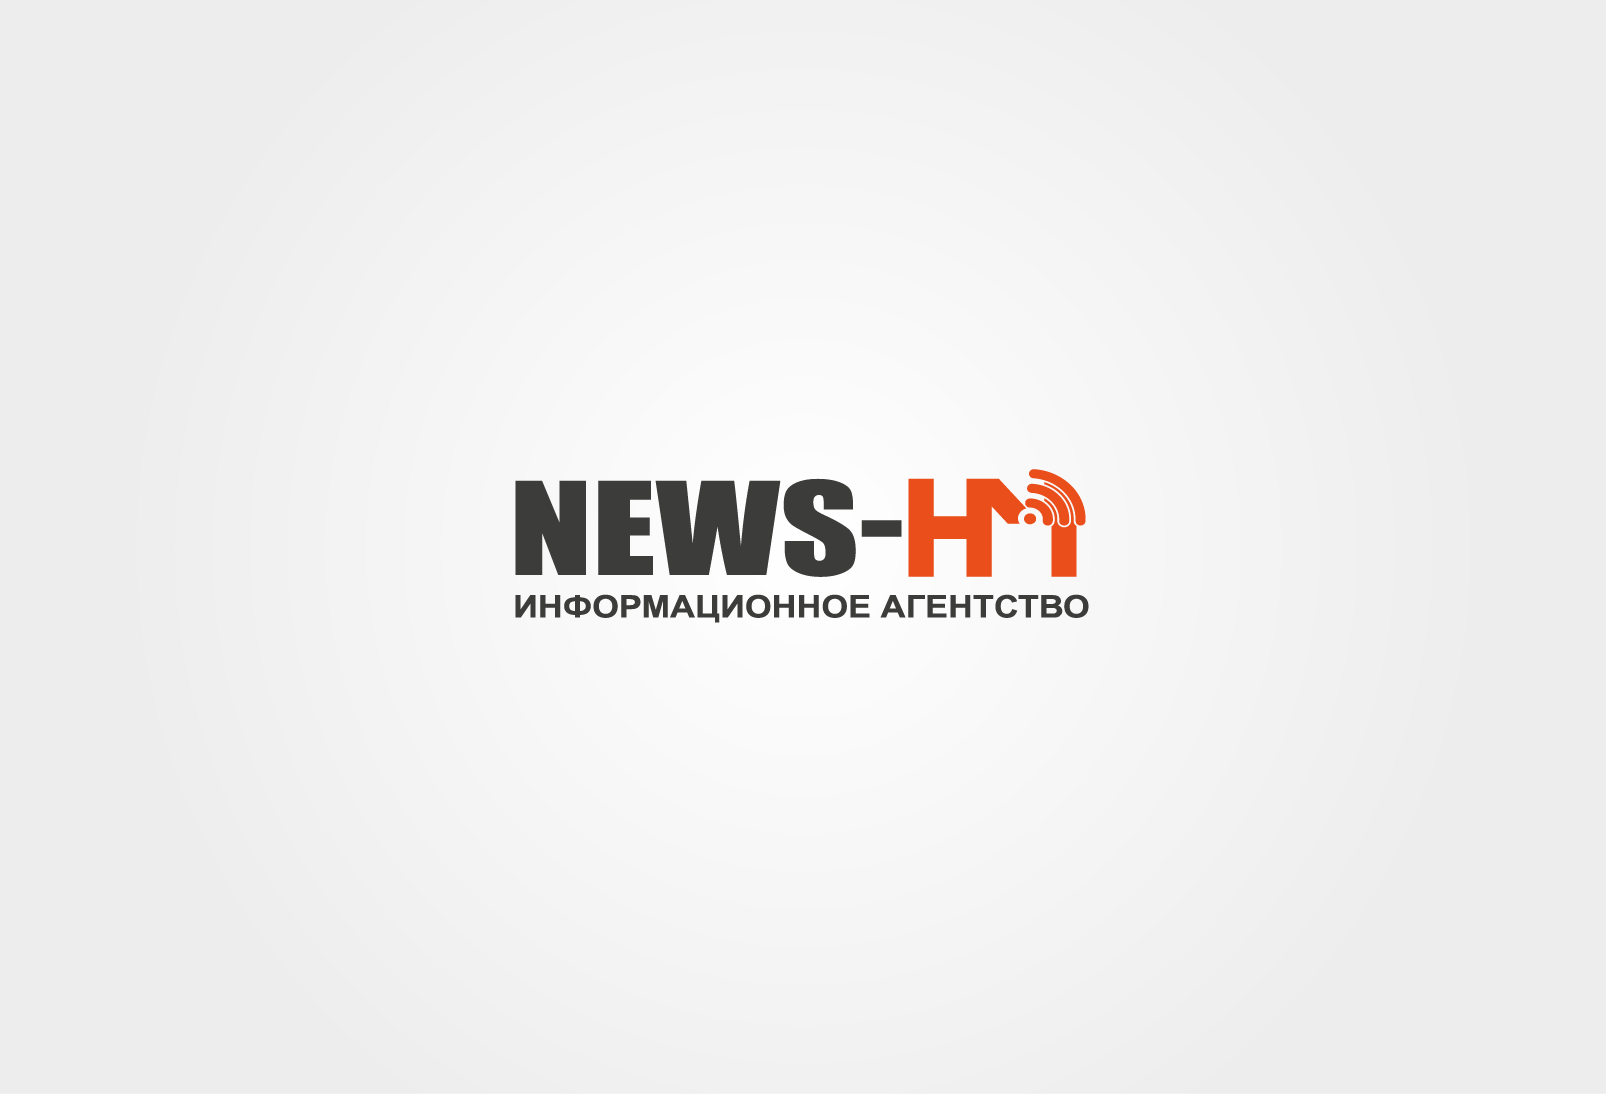 Логотип для информационного агентства фото f_1075aa3e59a03ee5.png